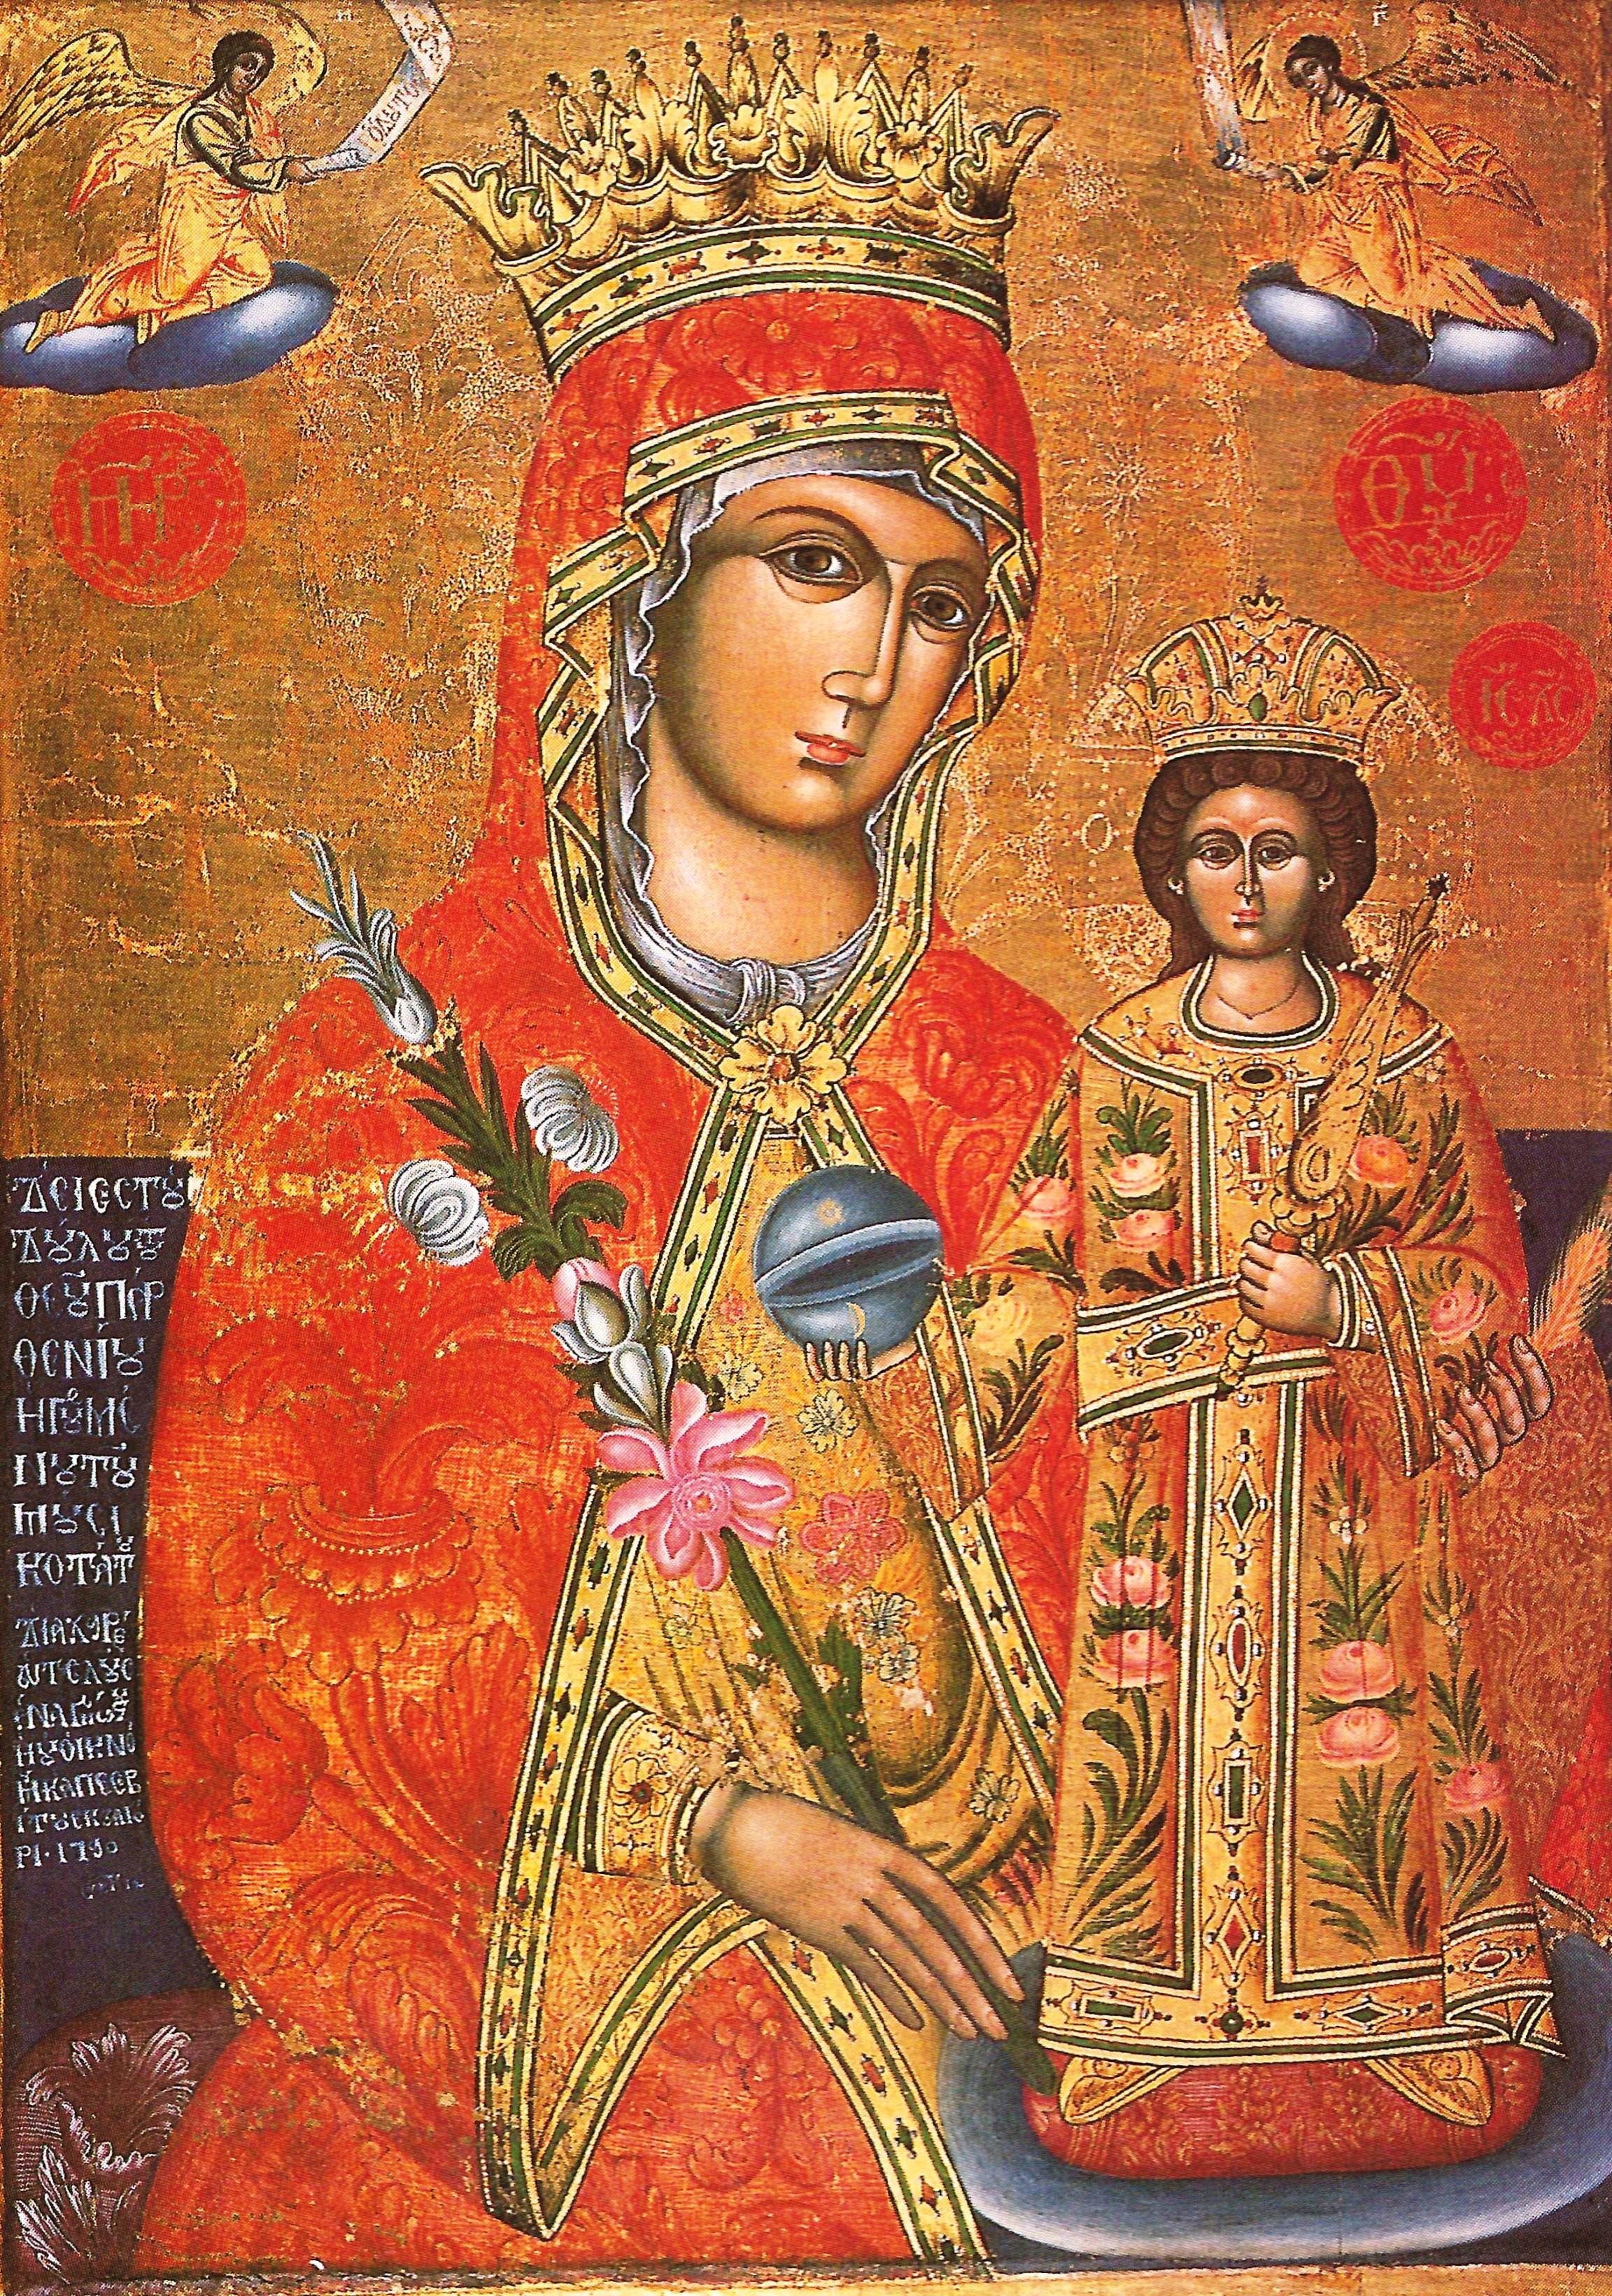 Η Παναγία με τον Χριστό. Φορητή εικόνα (έτους 1790) στο τέμπλο του κυρίως ναού του καθολικού. Είναι αφιέρωμα του ηγουμένου Παρθενίου.